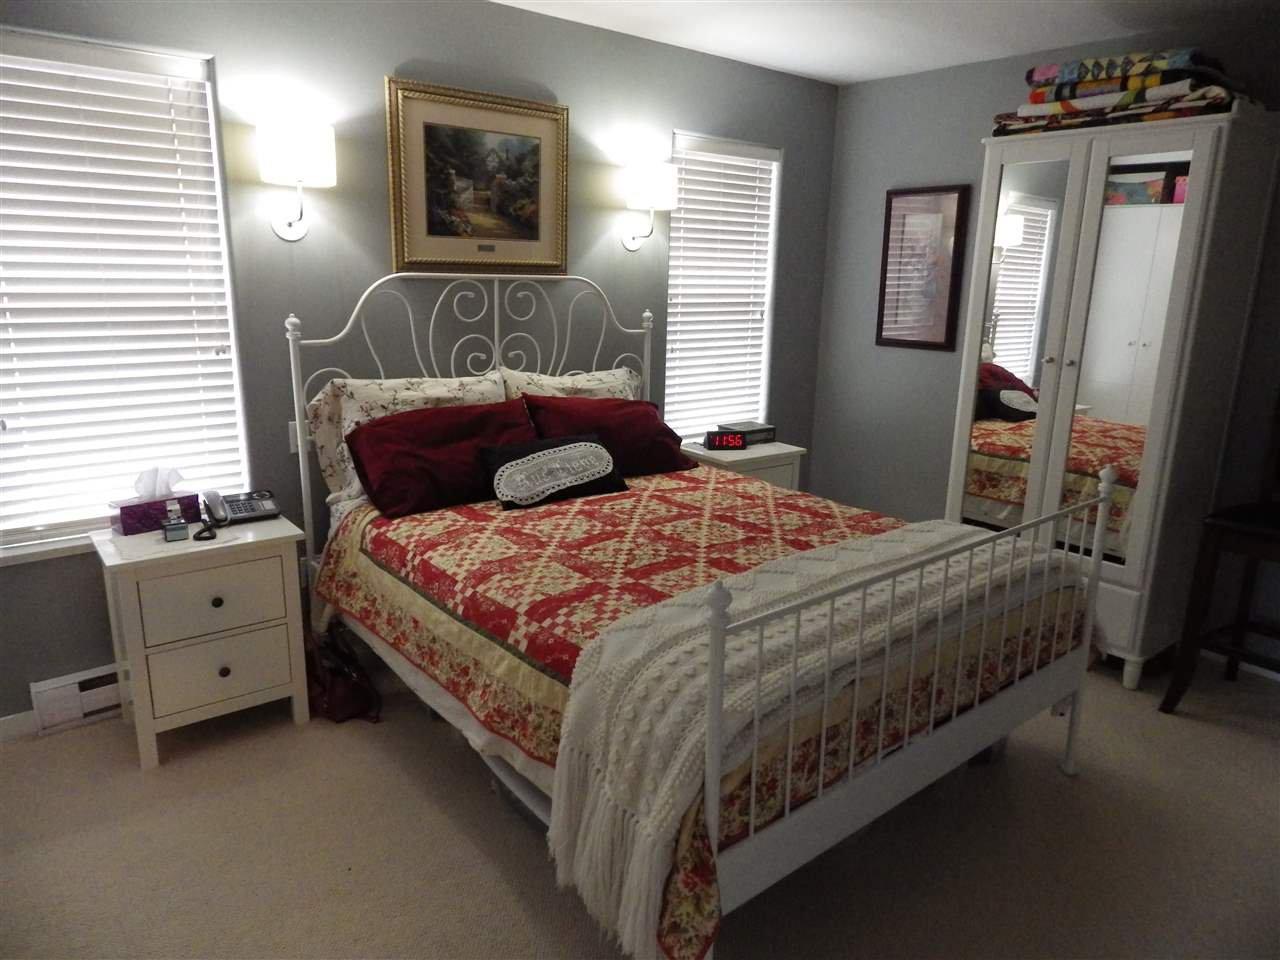 Photo 6: Photos: 5599 MEDUSA Place in Sechelt: Sechelt District House for sale (Sunshine Coast)  : MLS®# R2344394